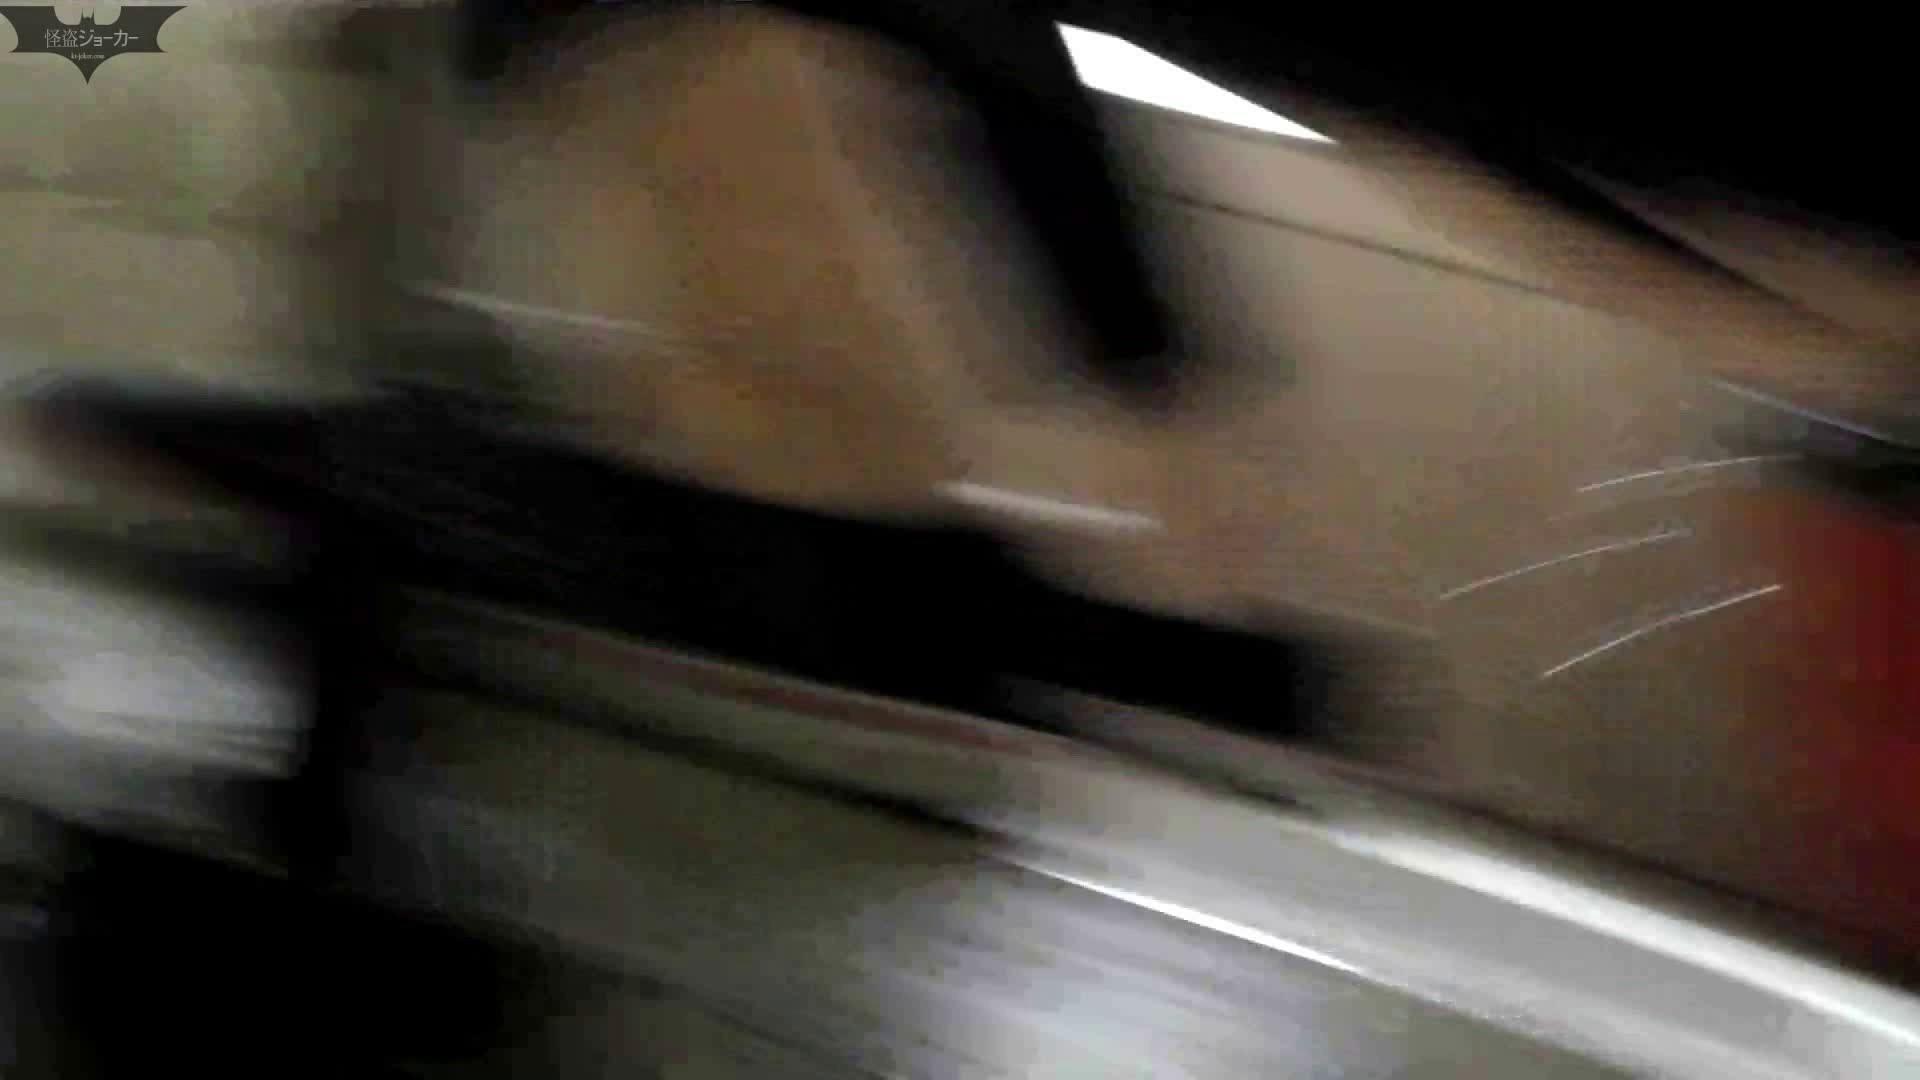 ステーション編 vol.25 必見桜庭みなみ?似 登場! 丸見え セックス無修正動画無料 105枚 39